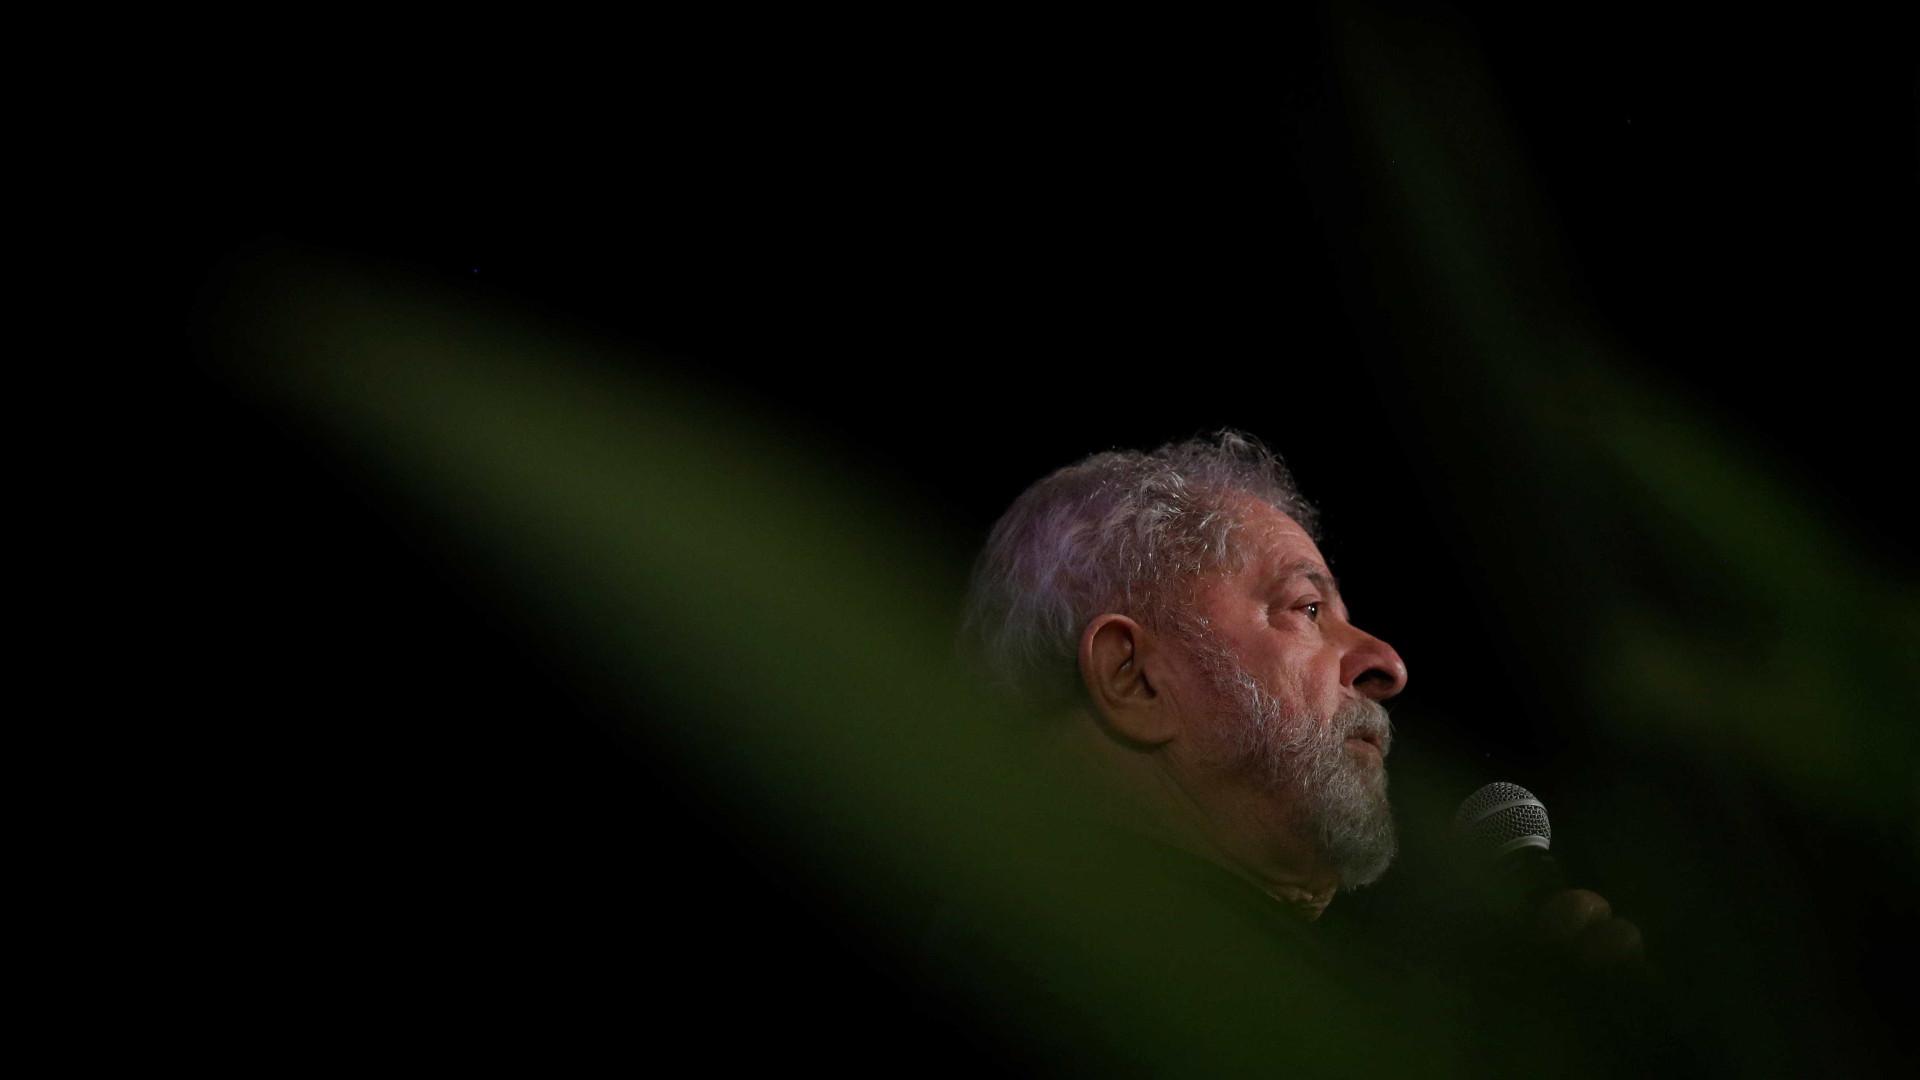 Relator conclui voto sobre recurso de Lula no caso do tríplex